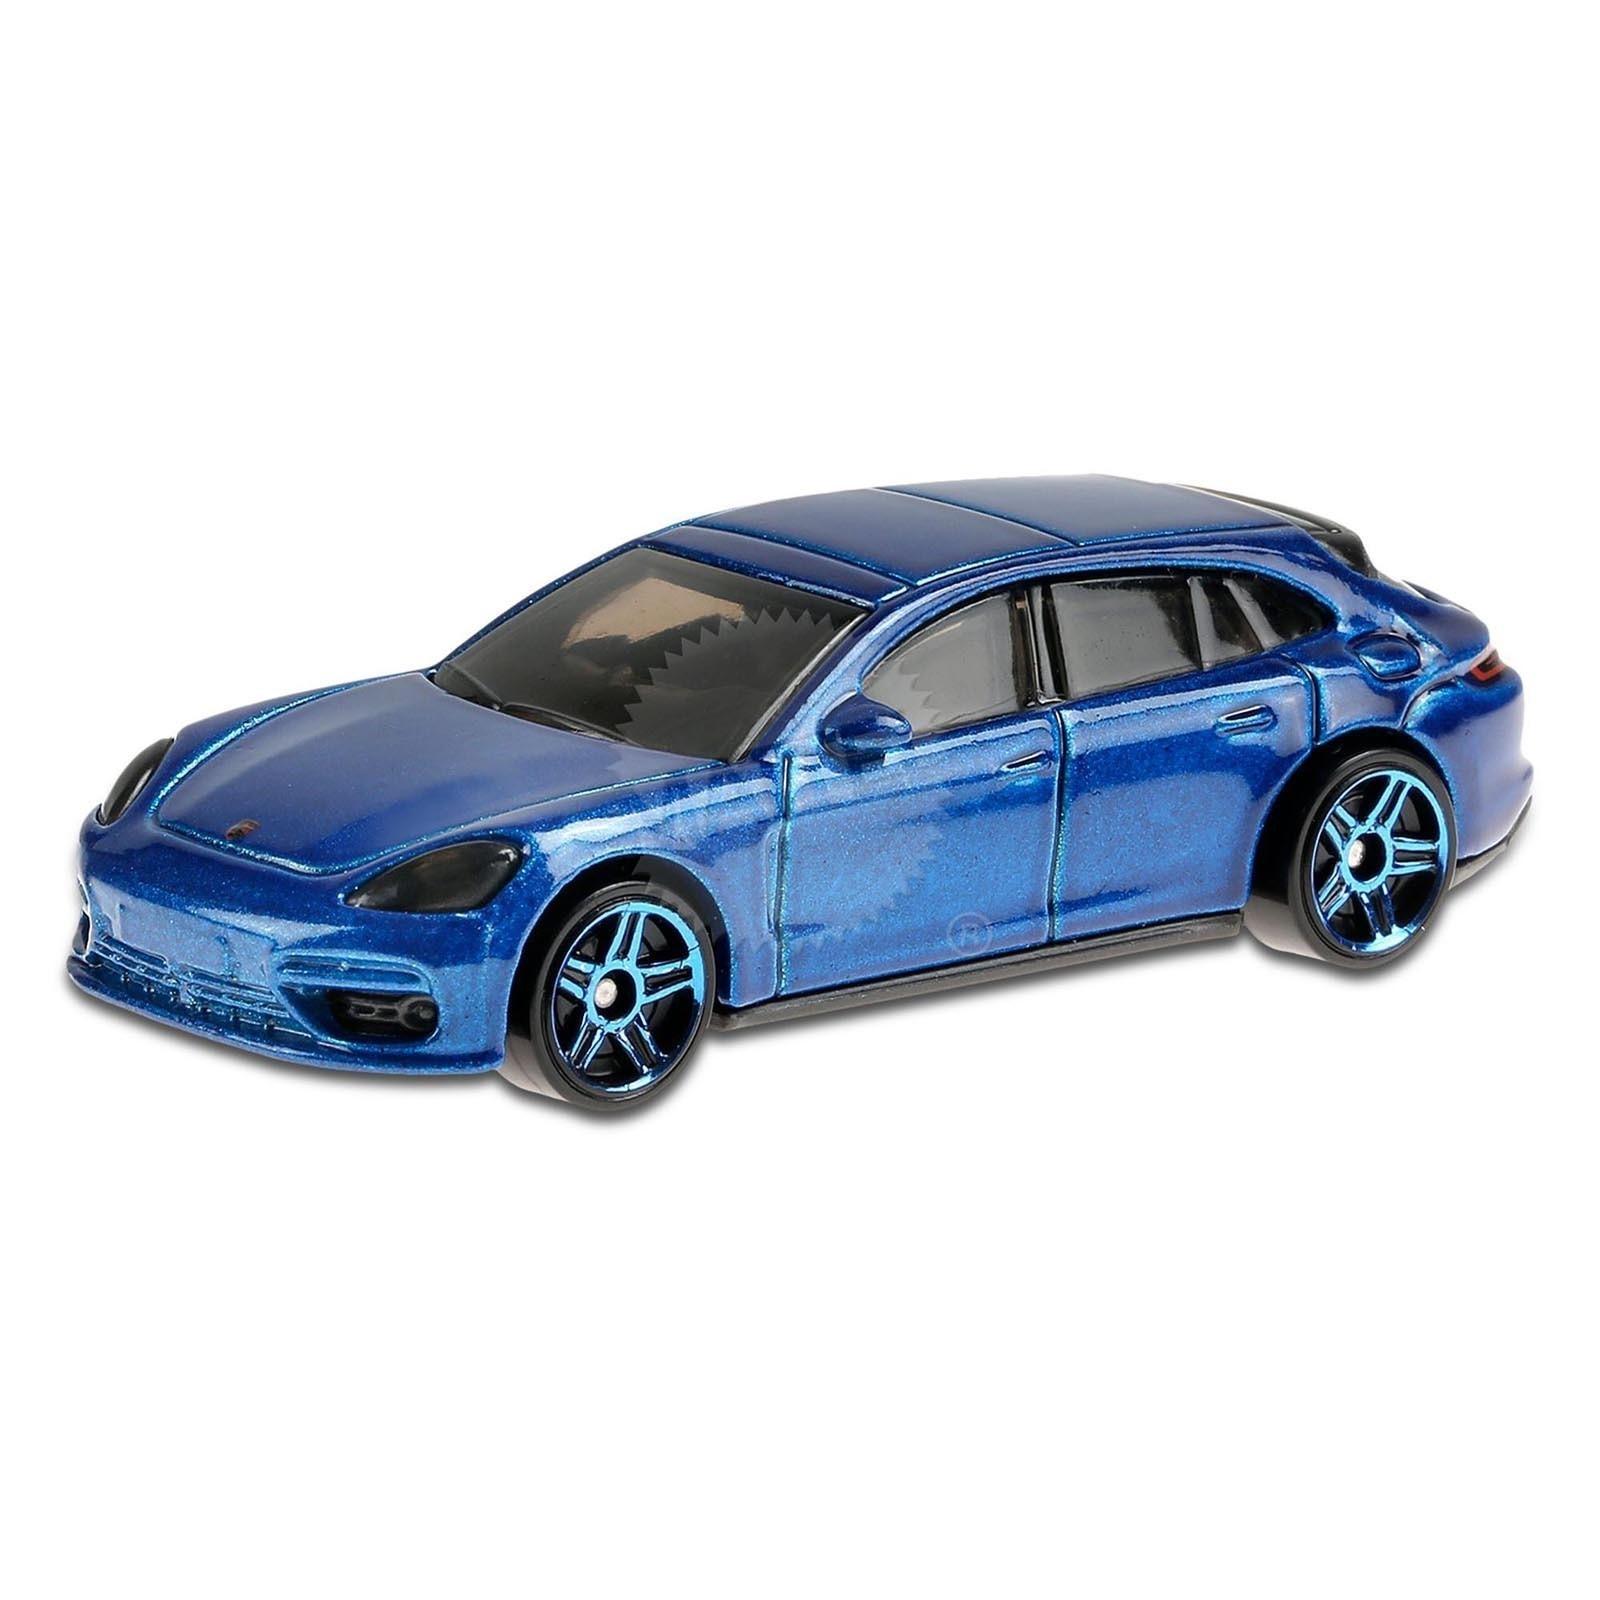 Carrinho Hot Wheels: Porsche Panamera Turbo S E-Hybrid Sport Turismo - ( Porsche) - ZH76I